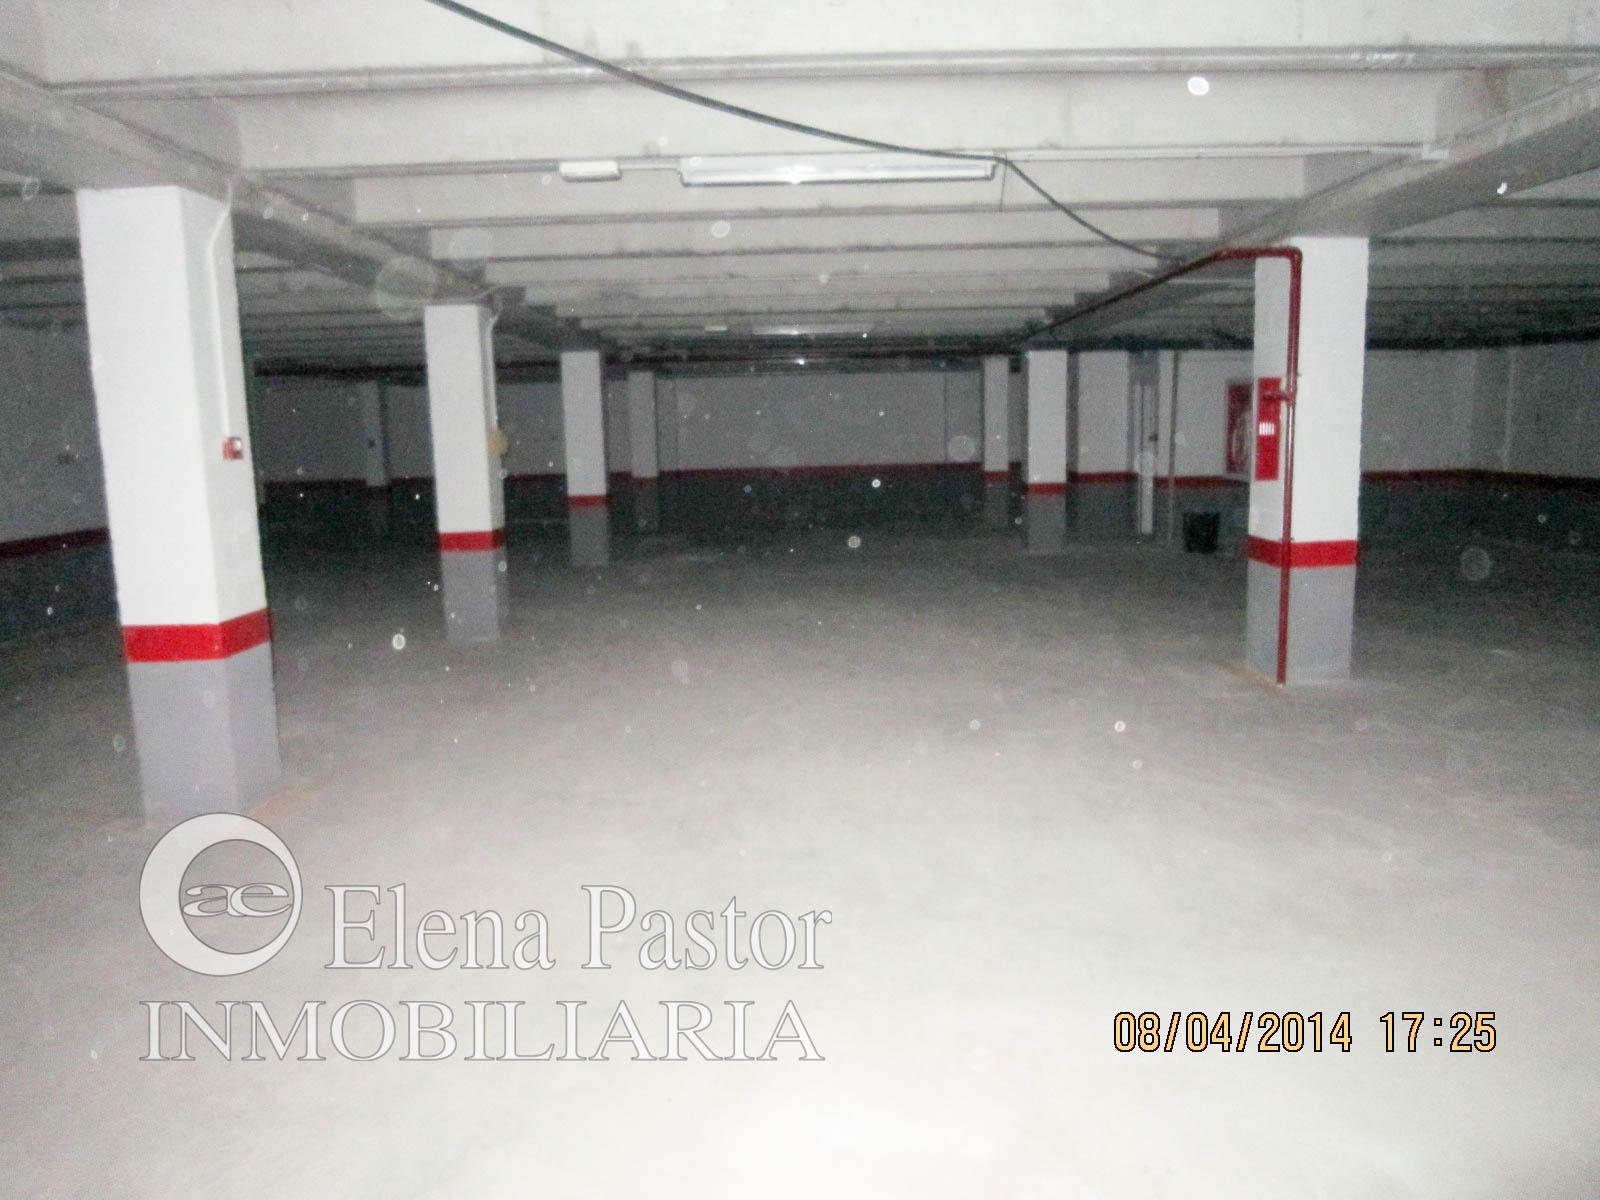 Plazas de garaje en Náquera